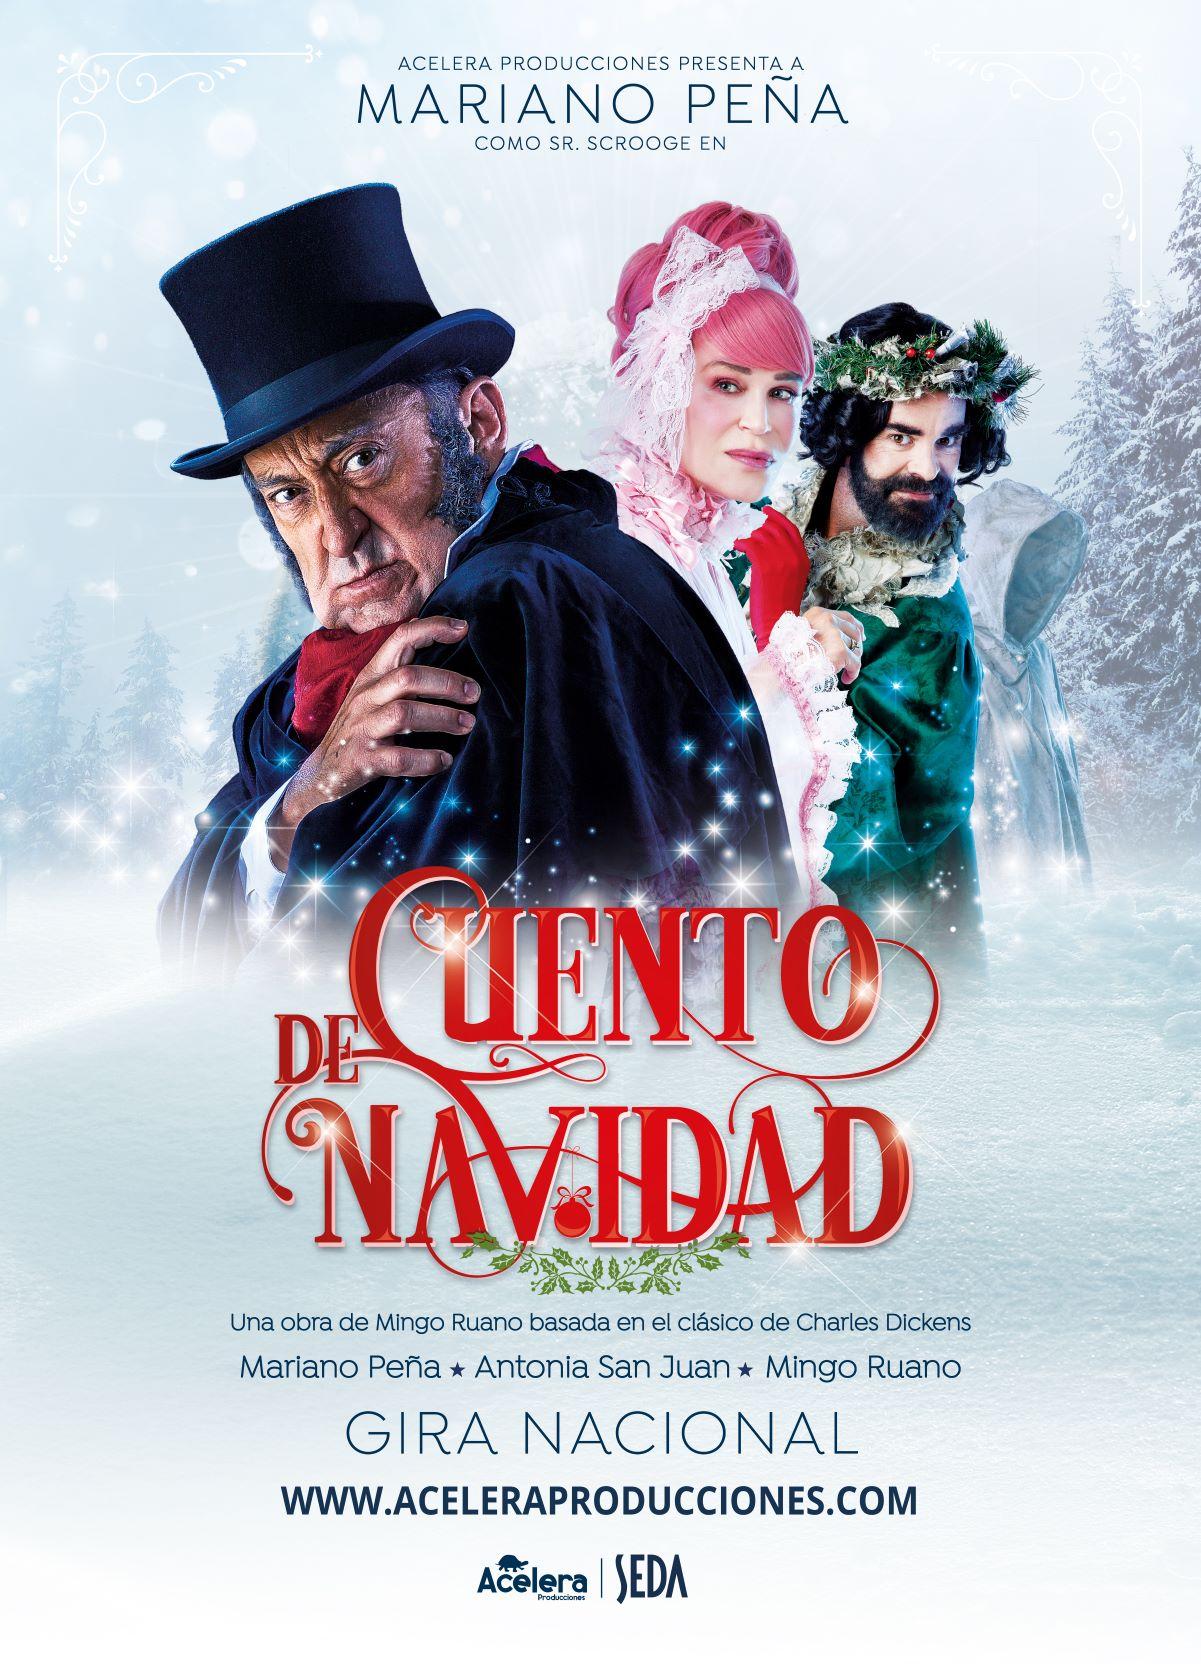 La productora canaria Acelera, al asalto de la cartelera nacional con el montaje de teatro musical 'Cuento de Navidad'